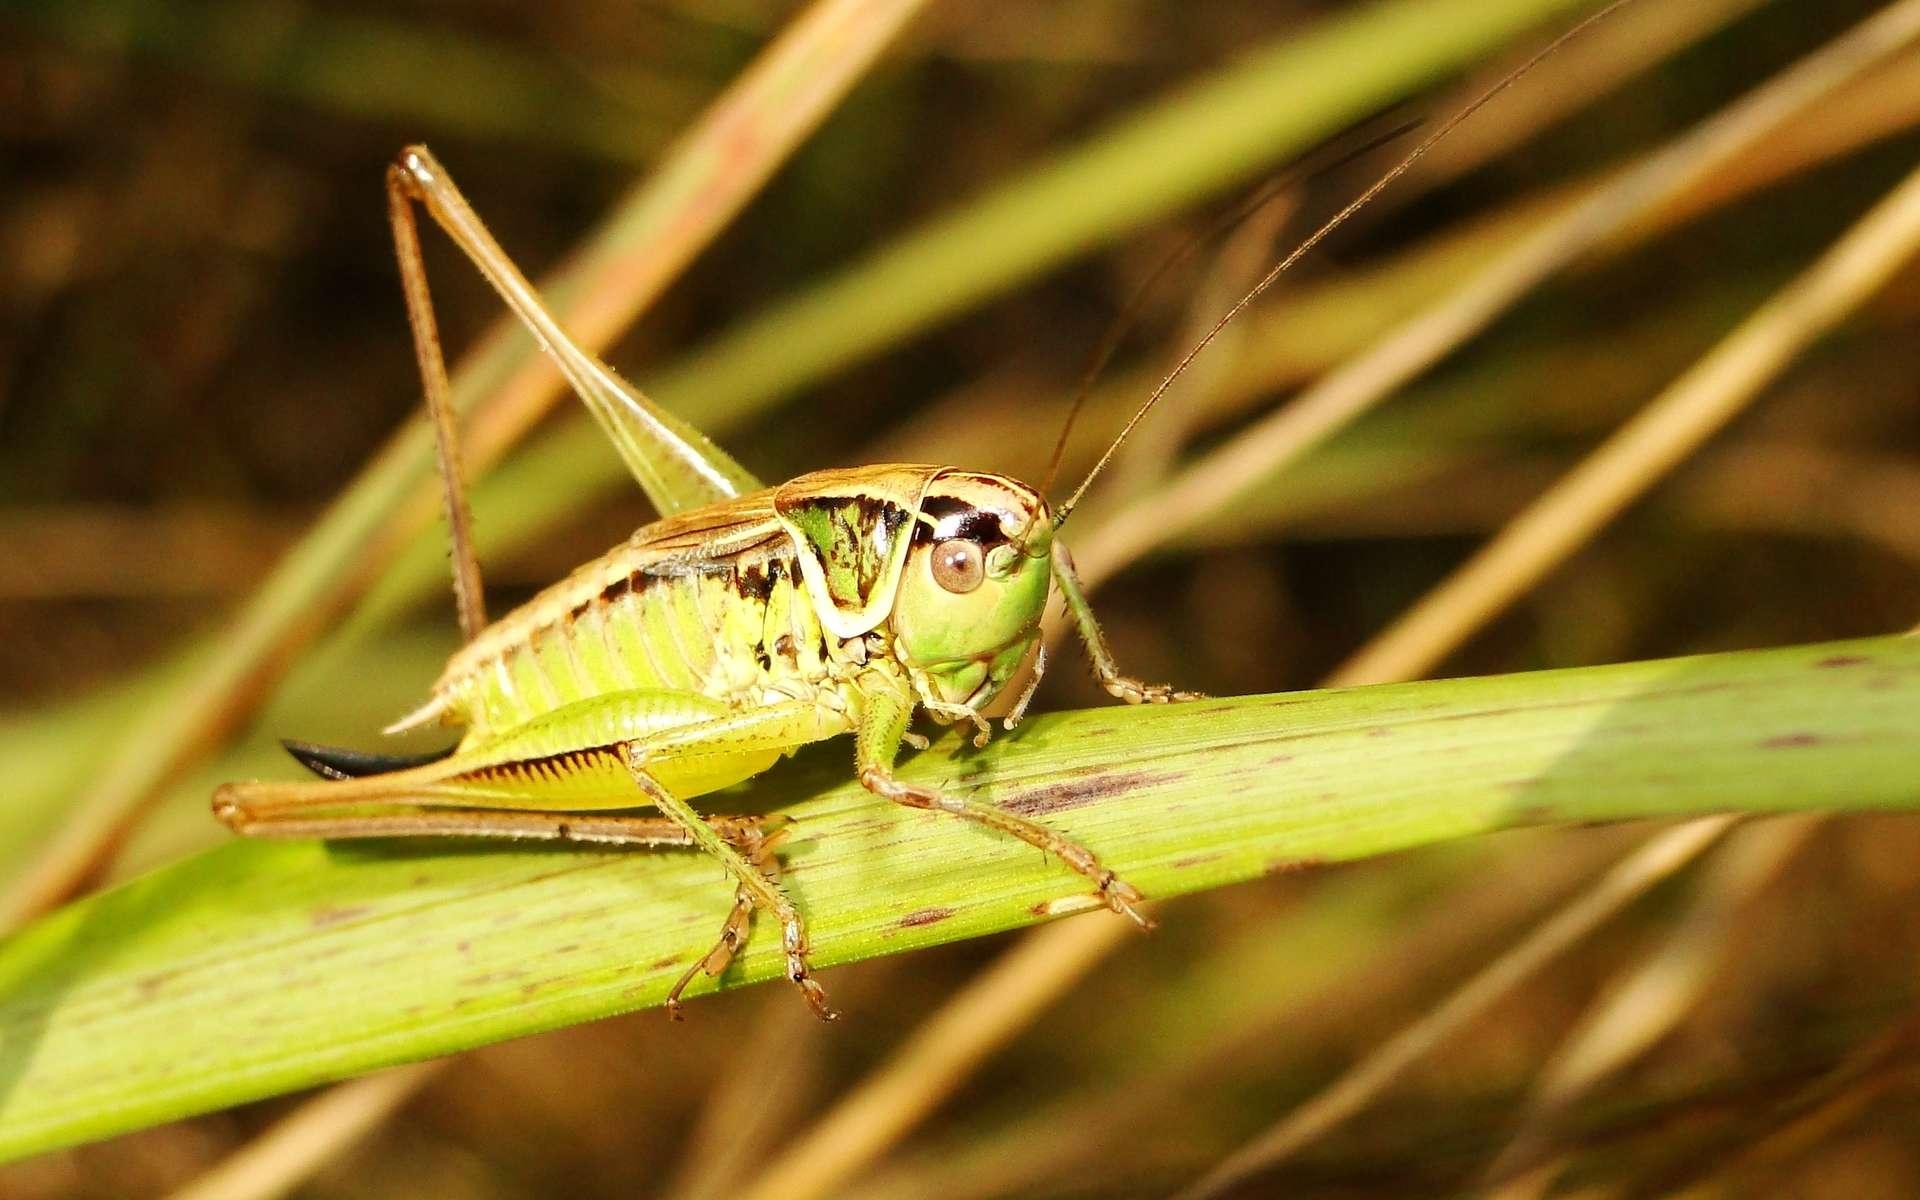 Des insectes porteurs de virus pour modifier les chromosomes de plantes ciblées. © Krzysztof Niewolny, Unsplash